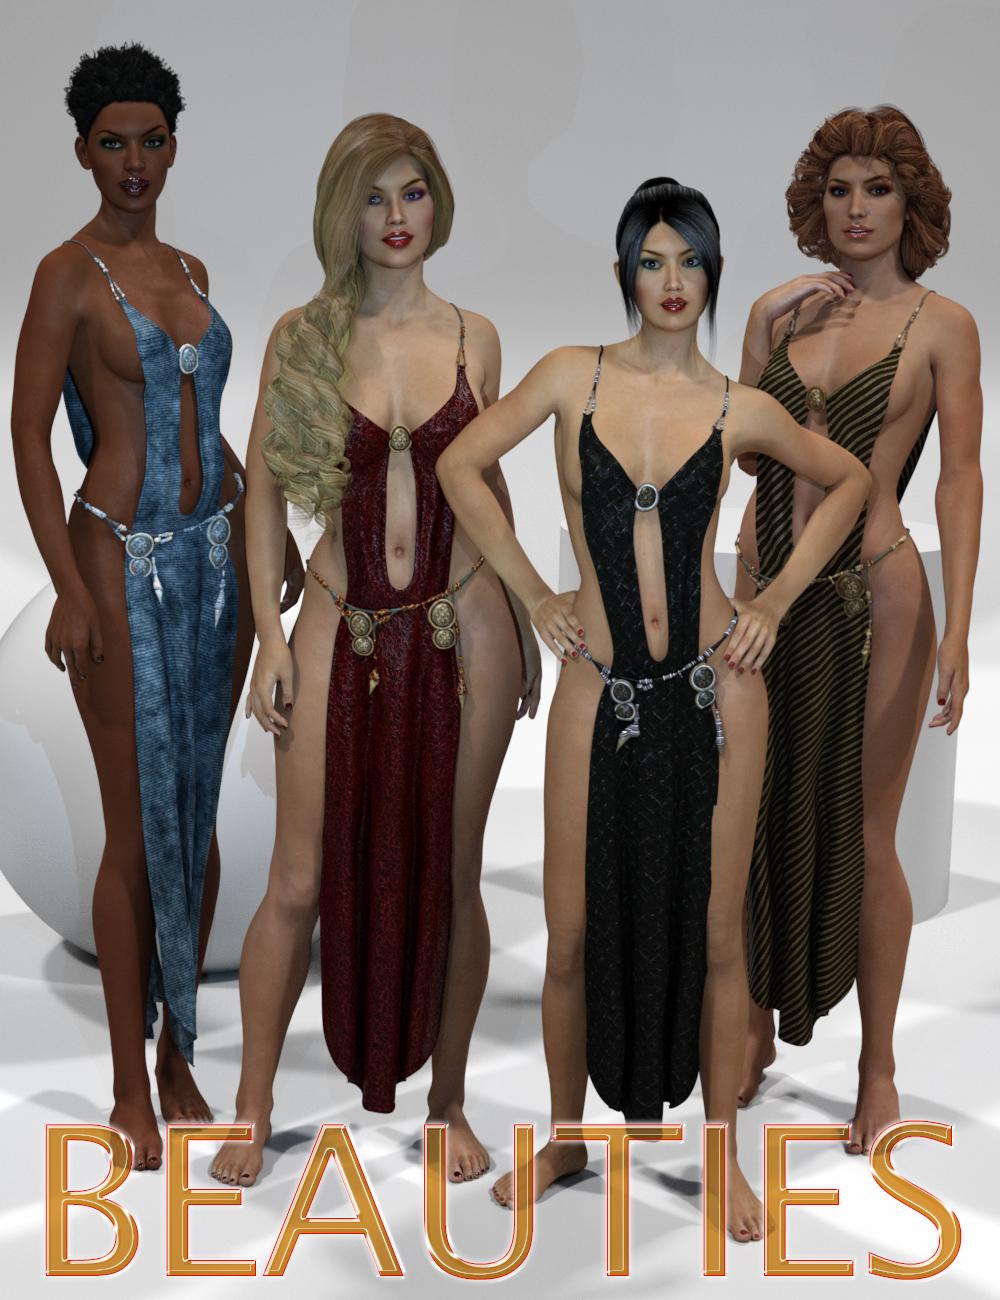 Genesis 2 Legacies for Genesis 3 Female: Beauties by: SloshWerks, 3D Models by Daz 3D